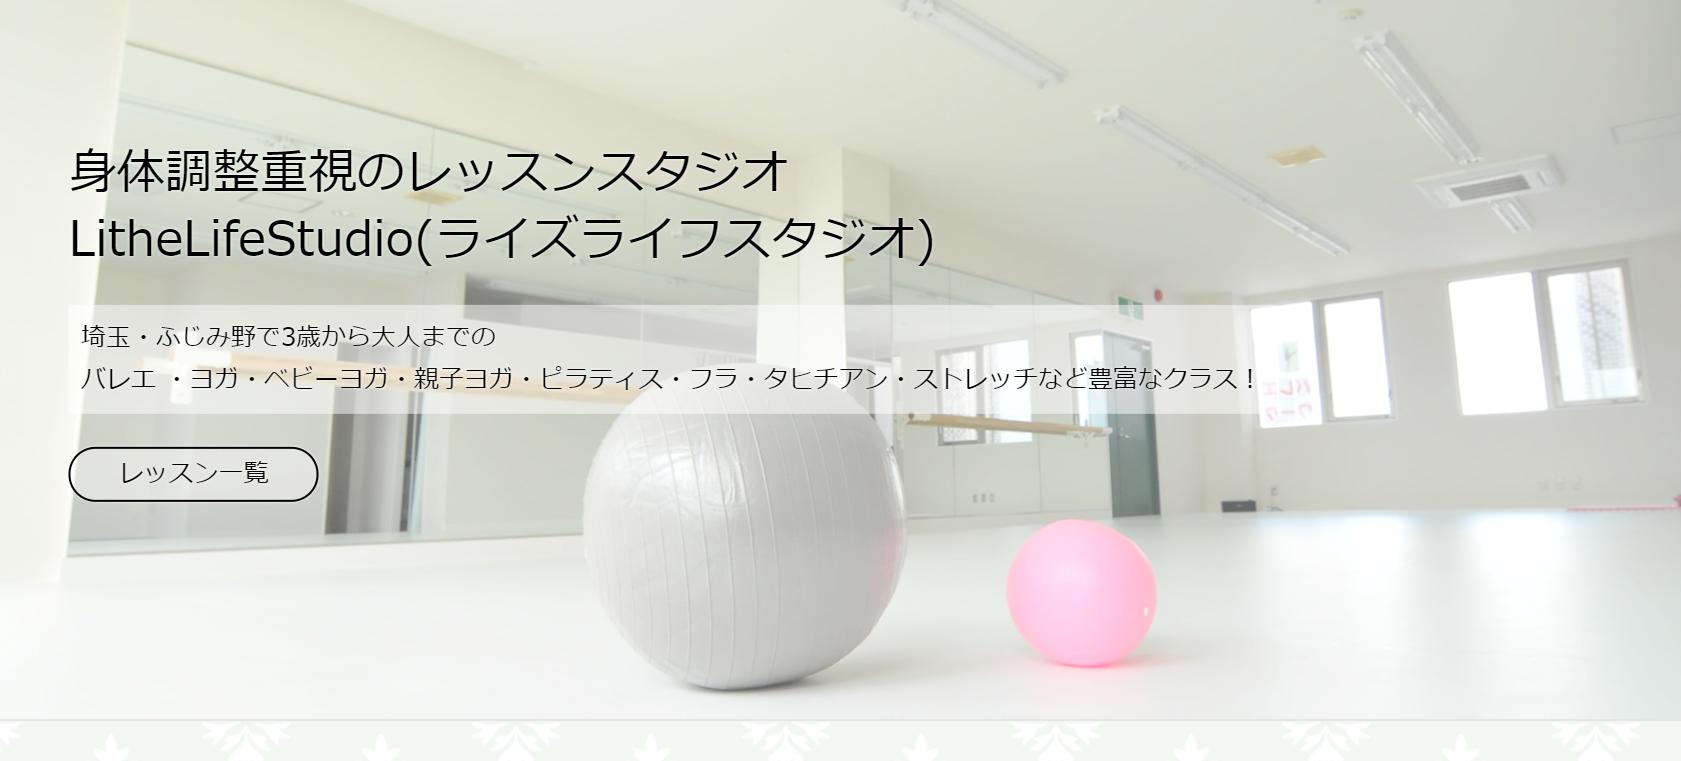 バランスボールとスタジオ